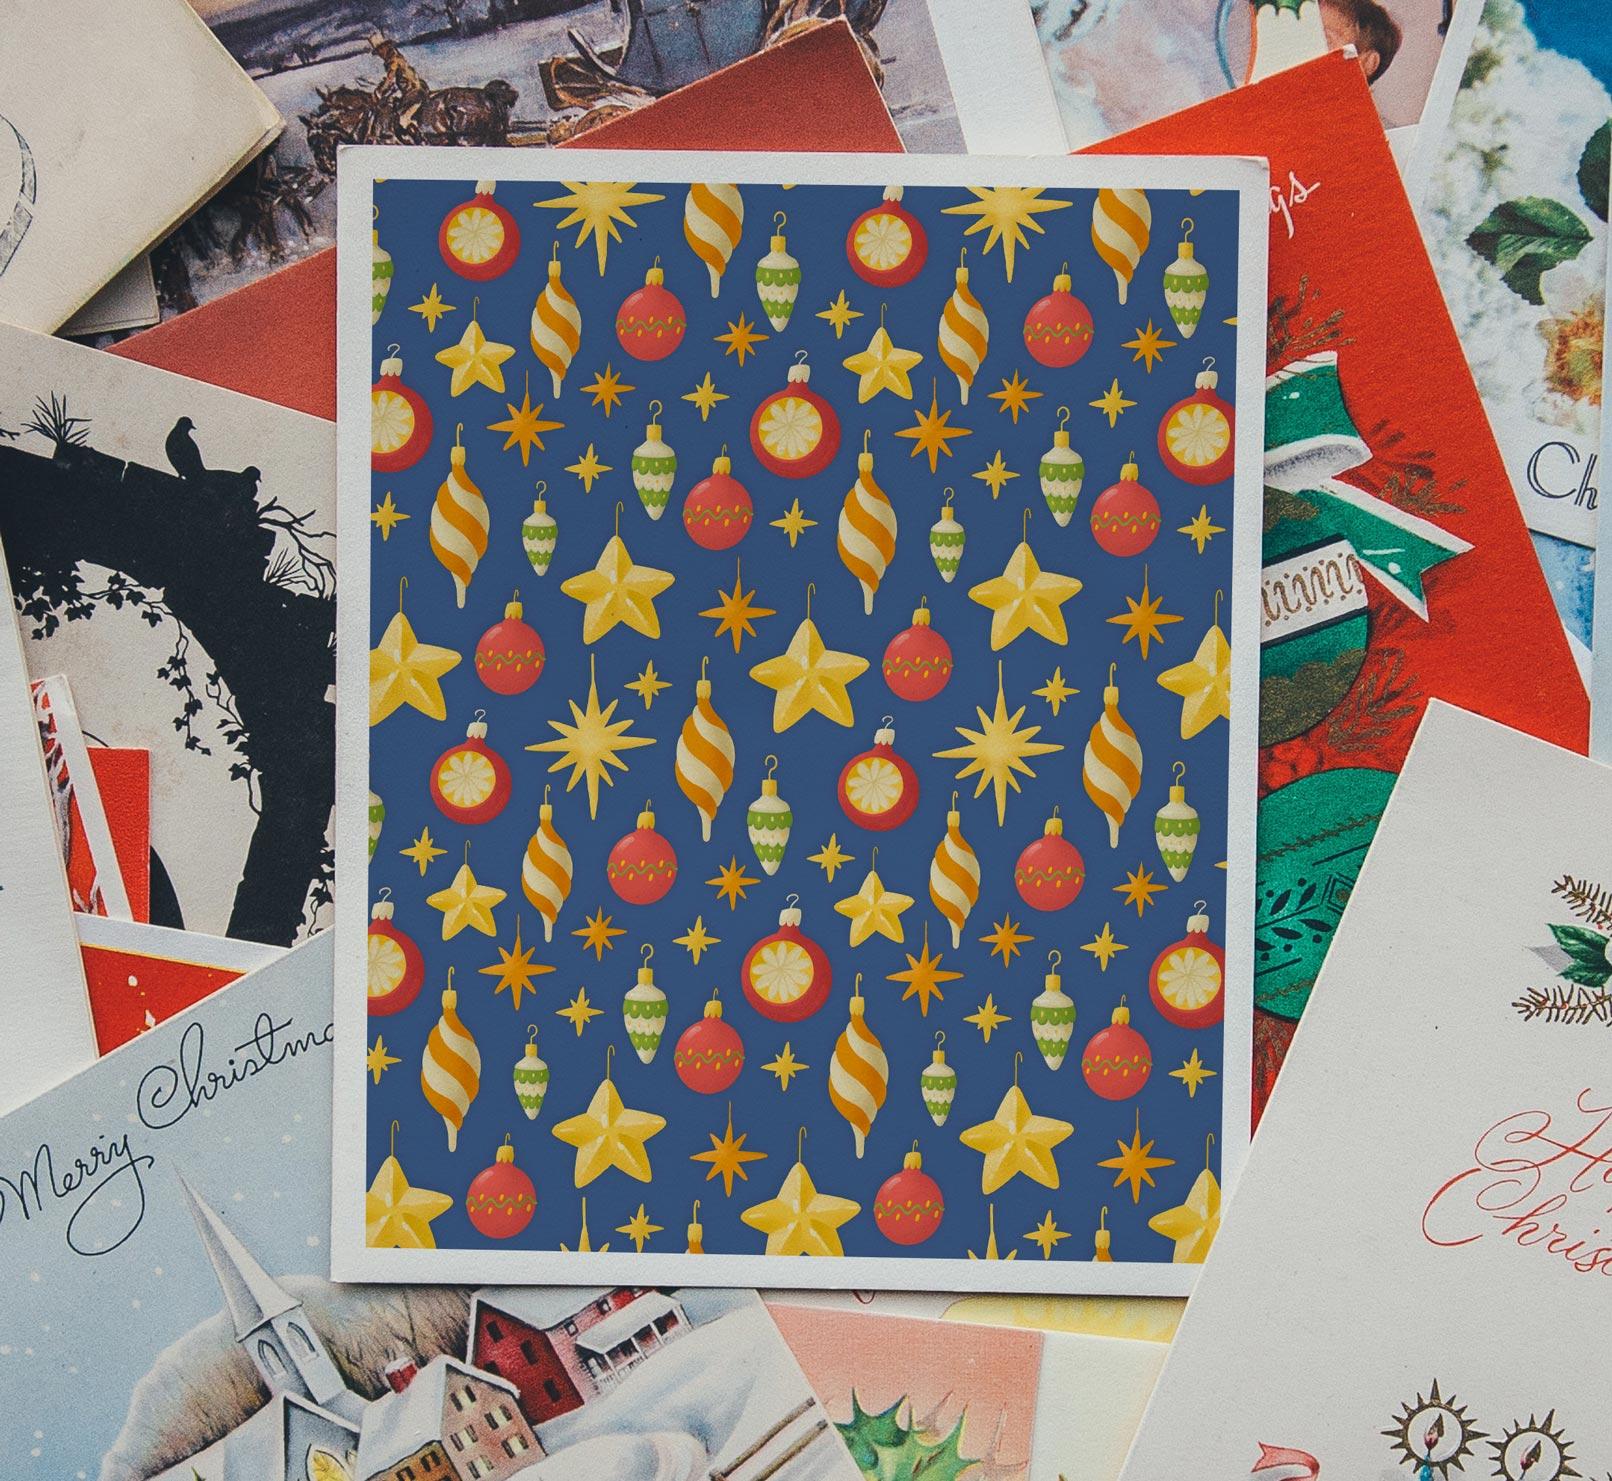 Weihnachtliche Muster und Illustrationen: Anwendungsbeispiel einer Weihnachtskarte